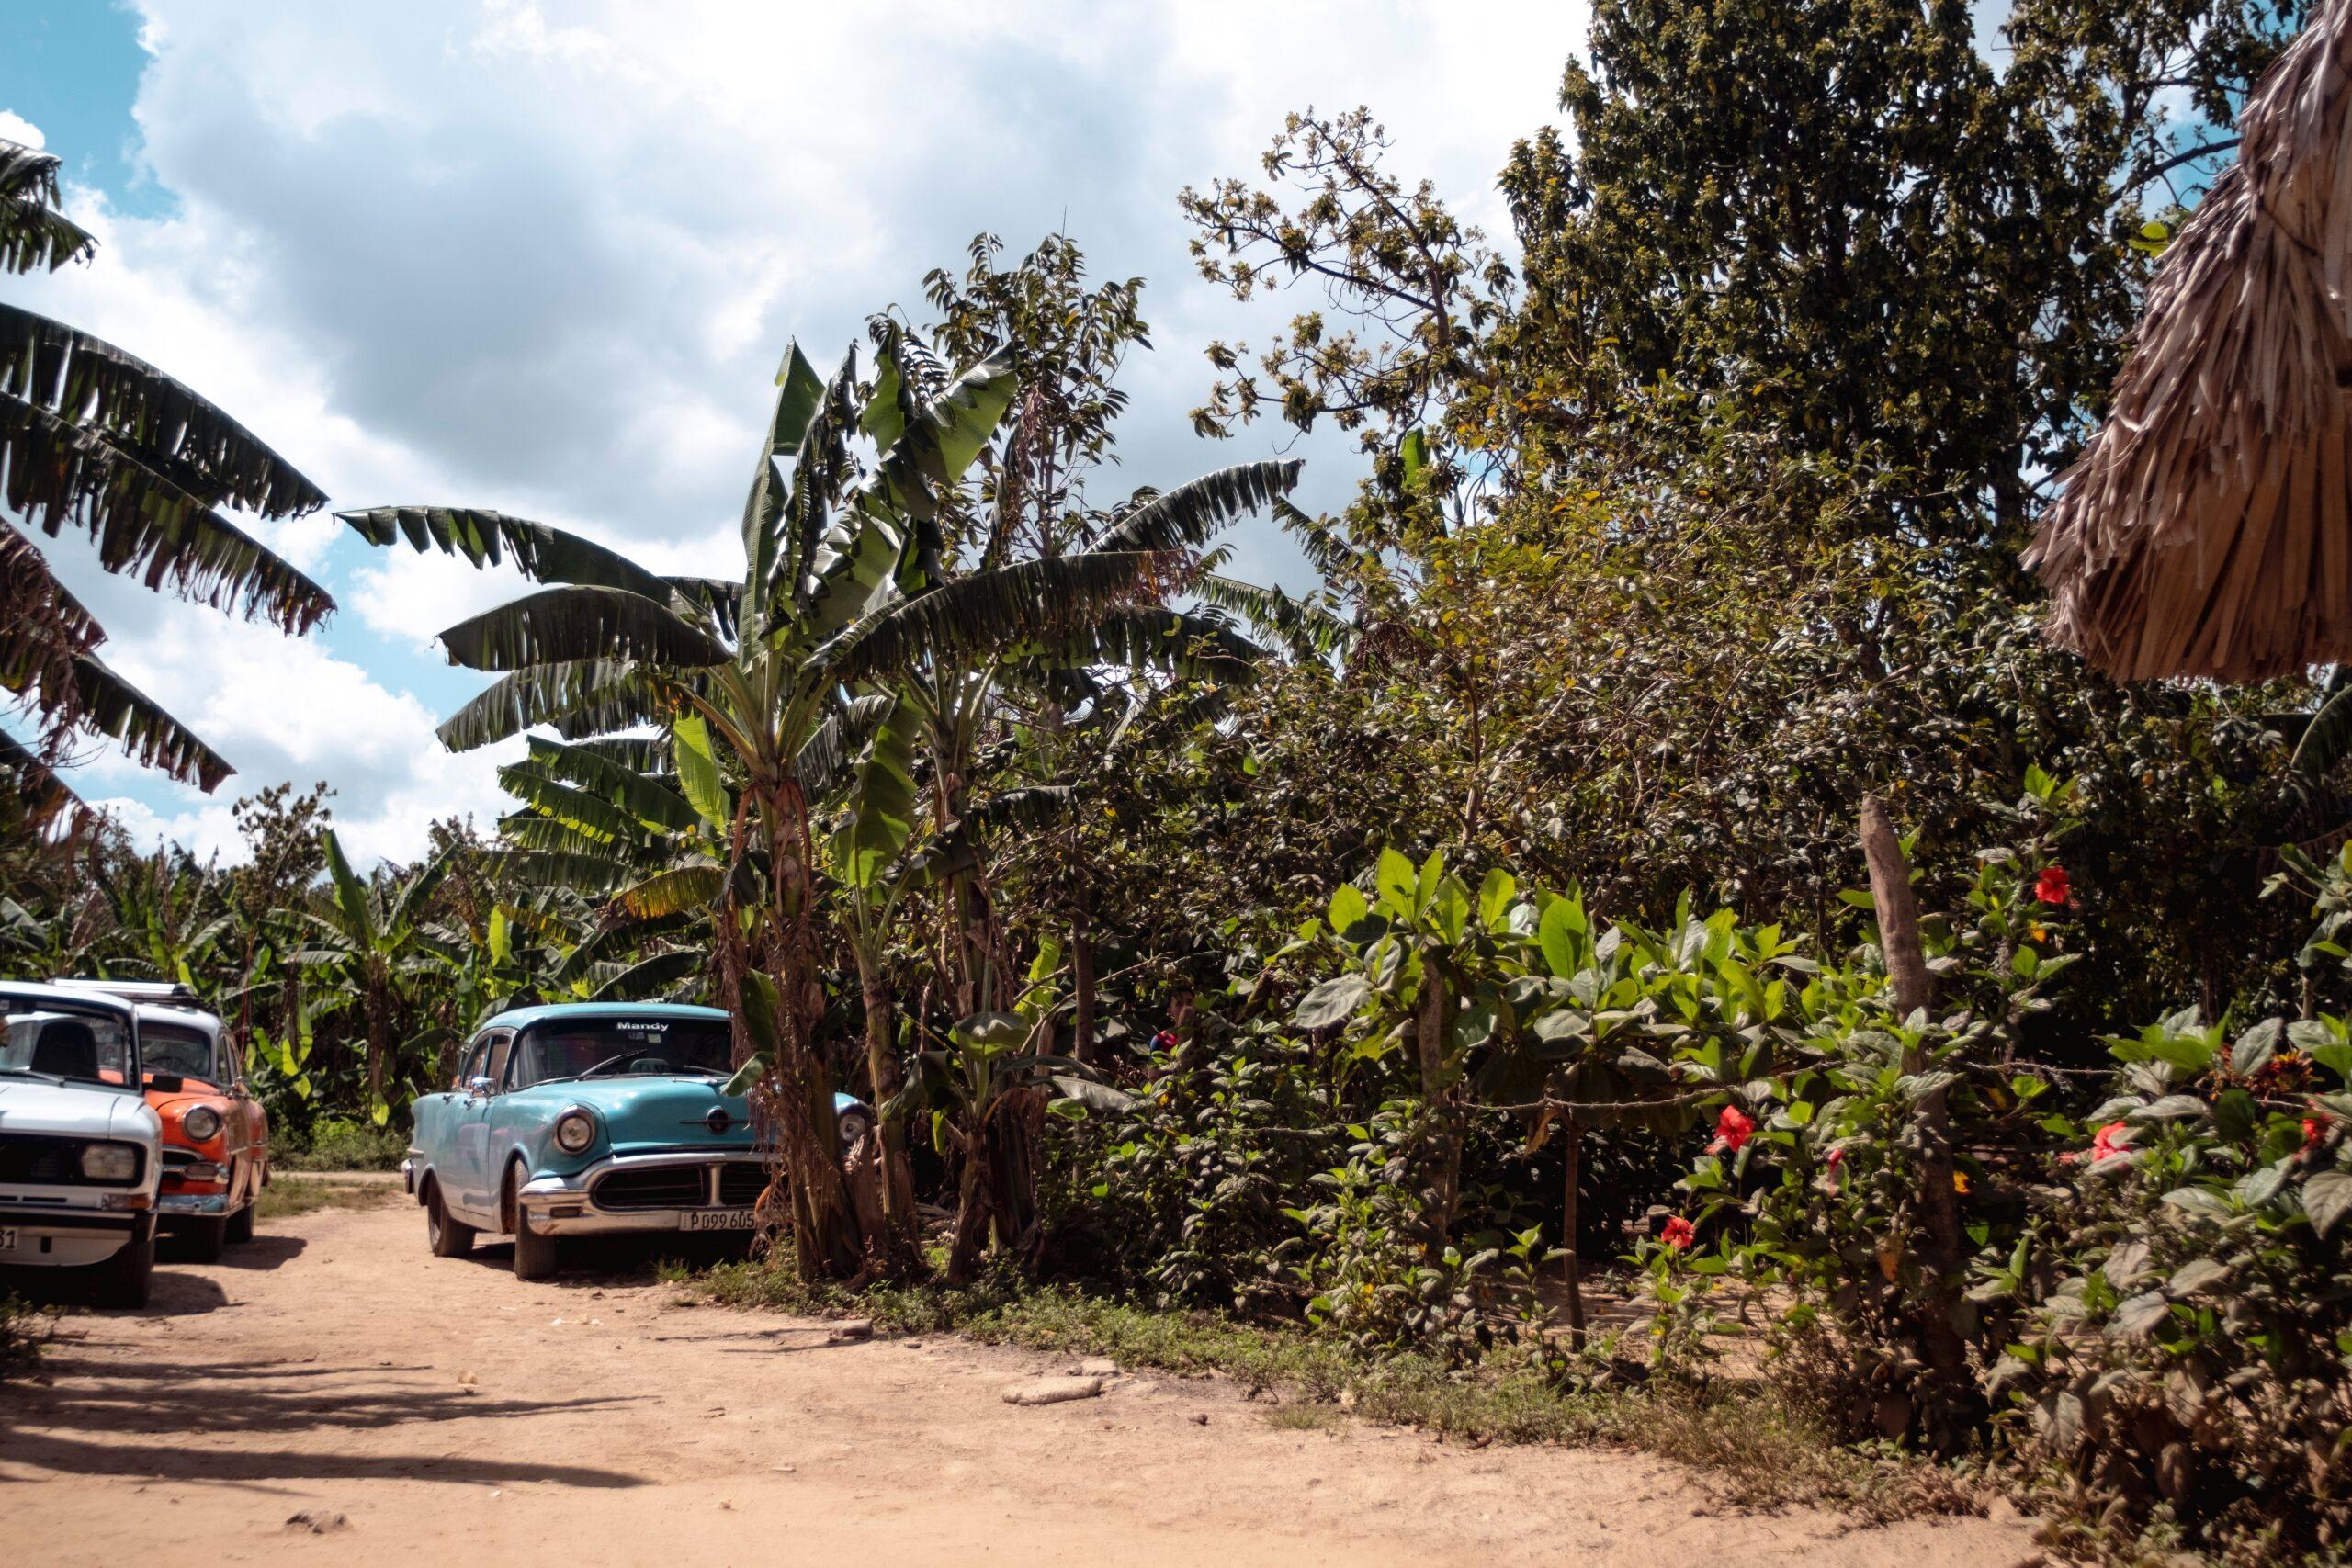 Imagen de la noticia Implementación de la suficiencia alimentaria y monitorización en tiempo real vía satélite de las actuaciones en zonas ecológicamente sensibles de Cuba, declaradas Patrimonio de la Humanidad – UNESCO